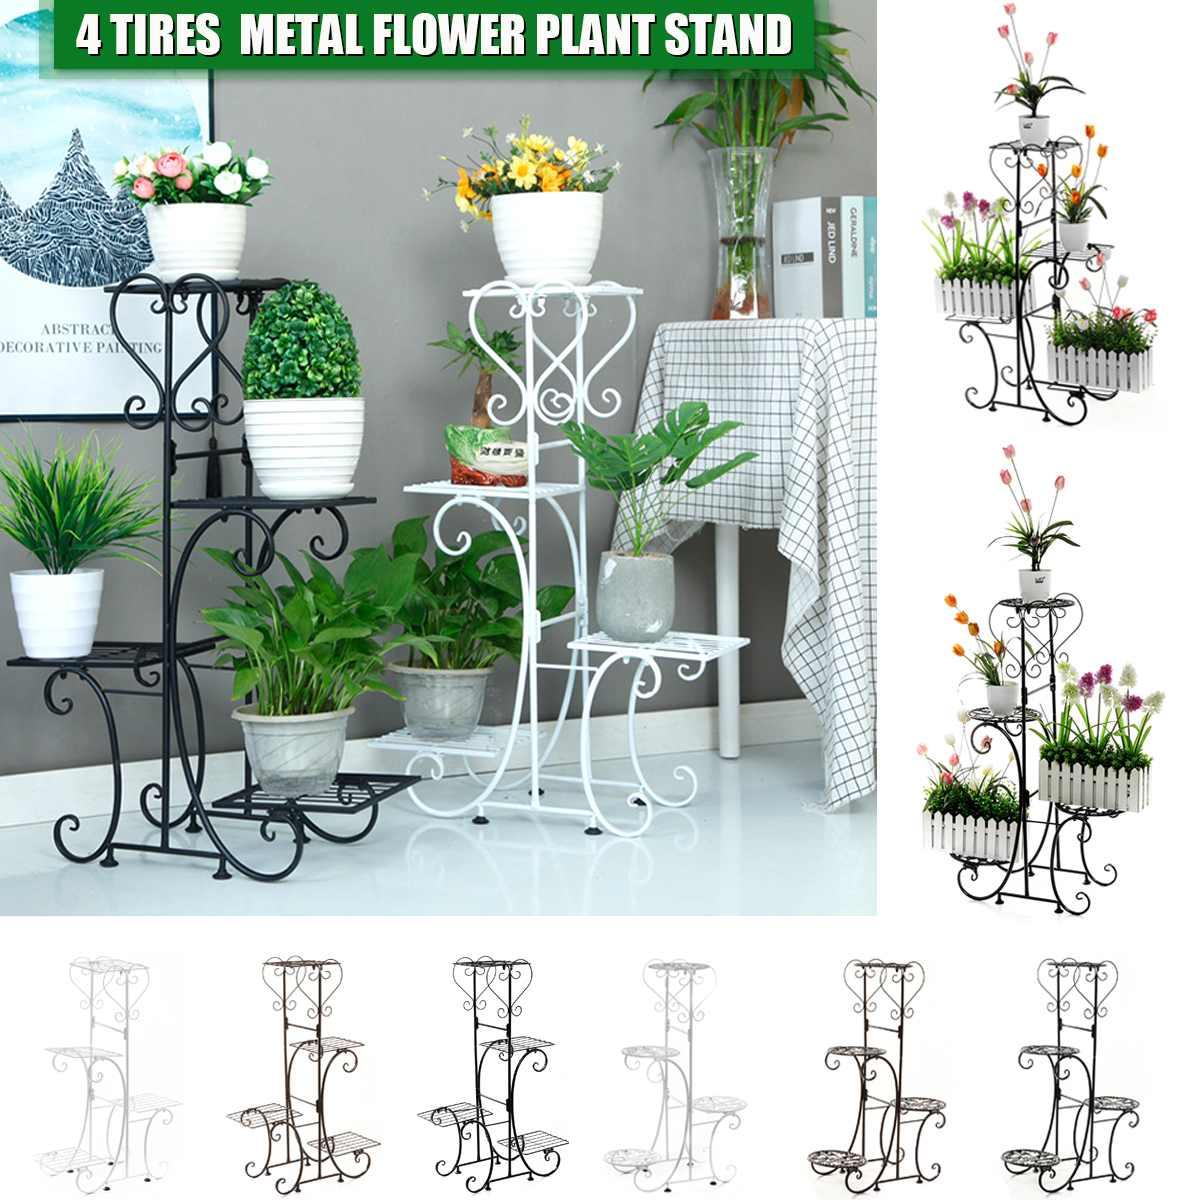 4 Tier Metal Plant Stand & Flower Pot Holder Display Home Decor Garden Indoor Outdoor Balcony Flower Storage Rack Adjustable